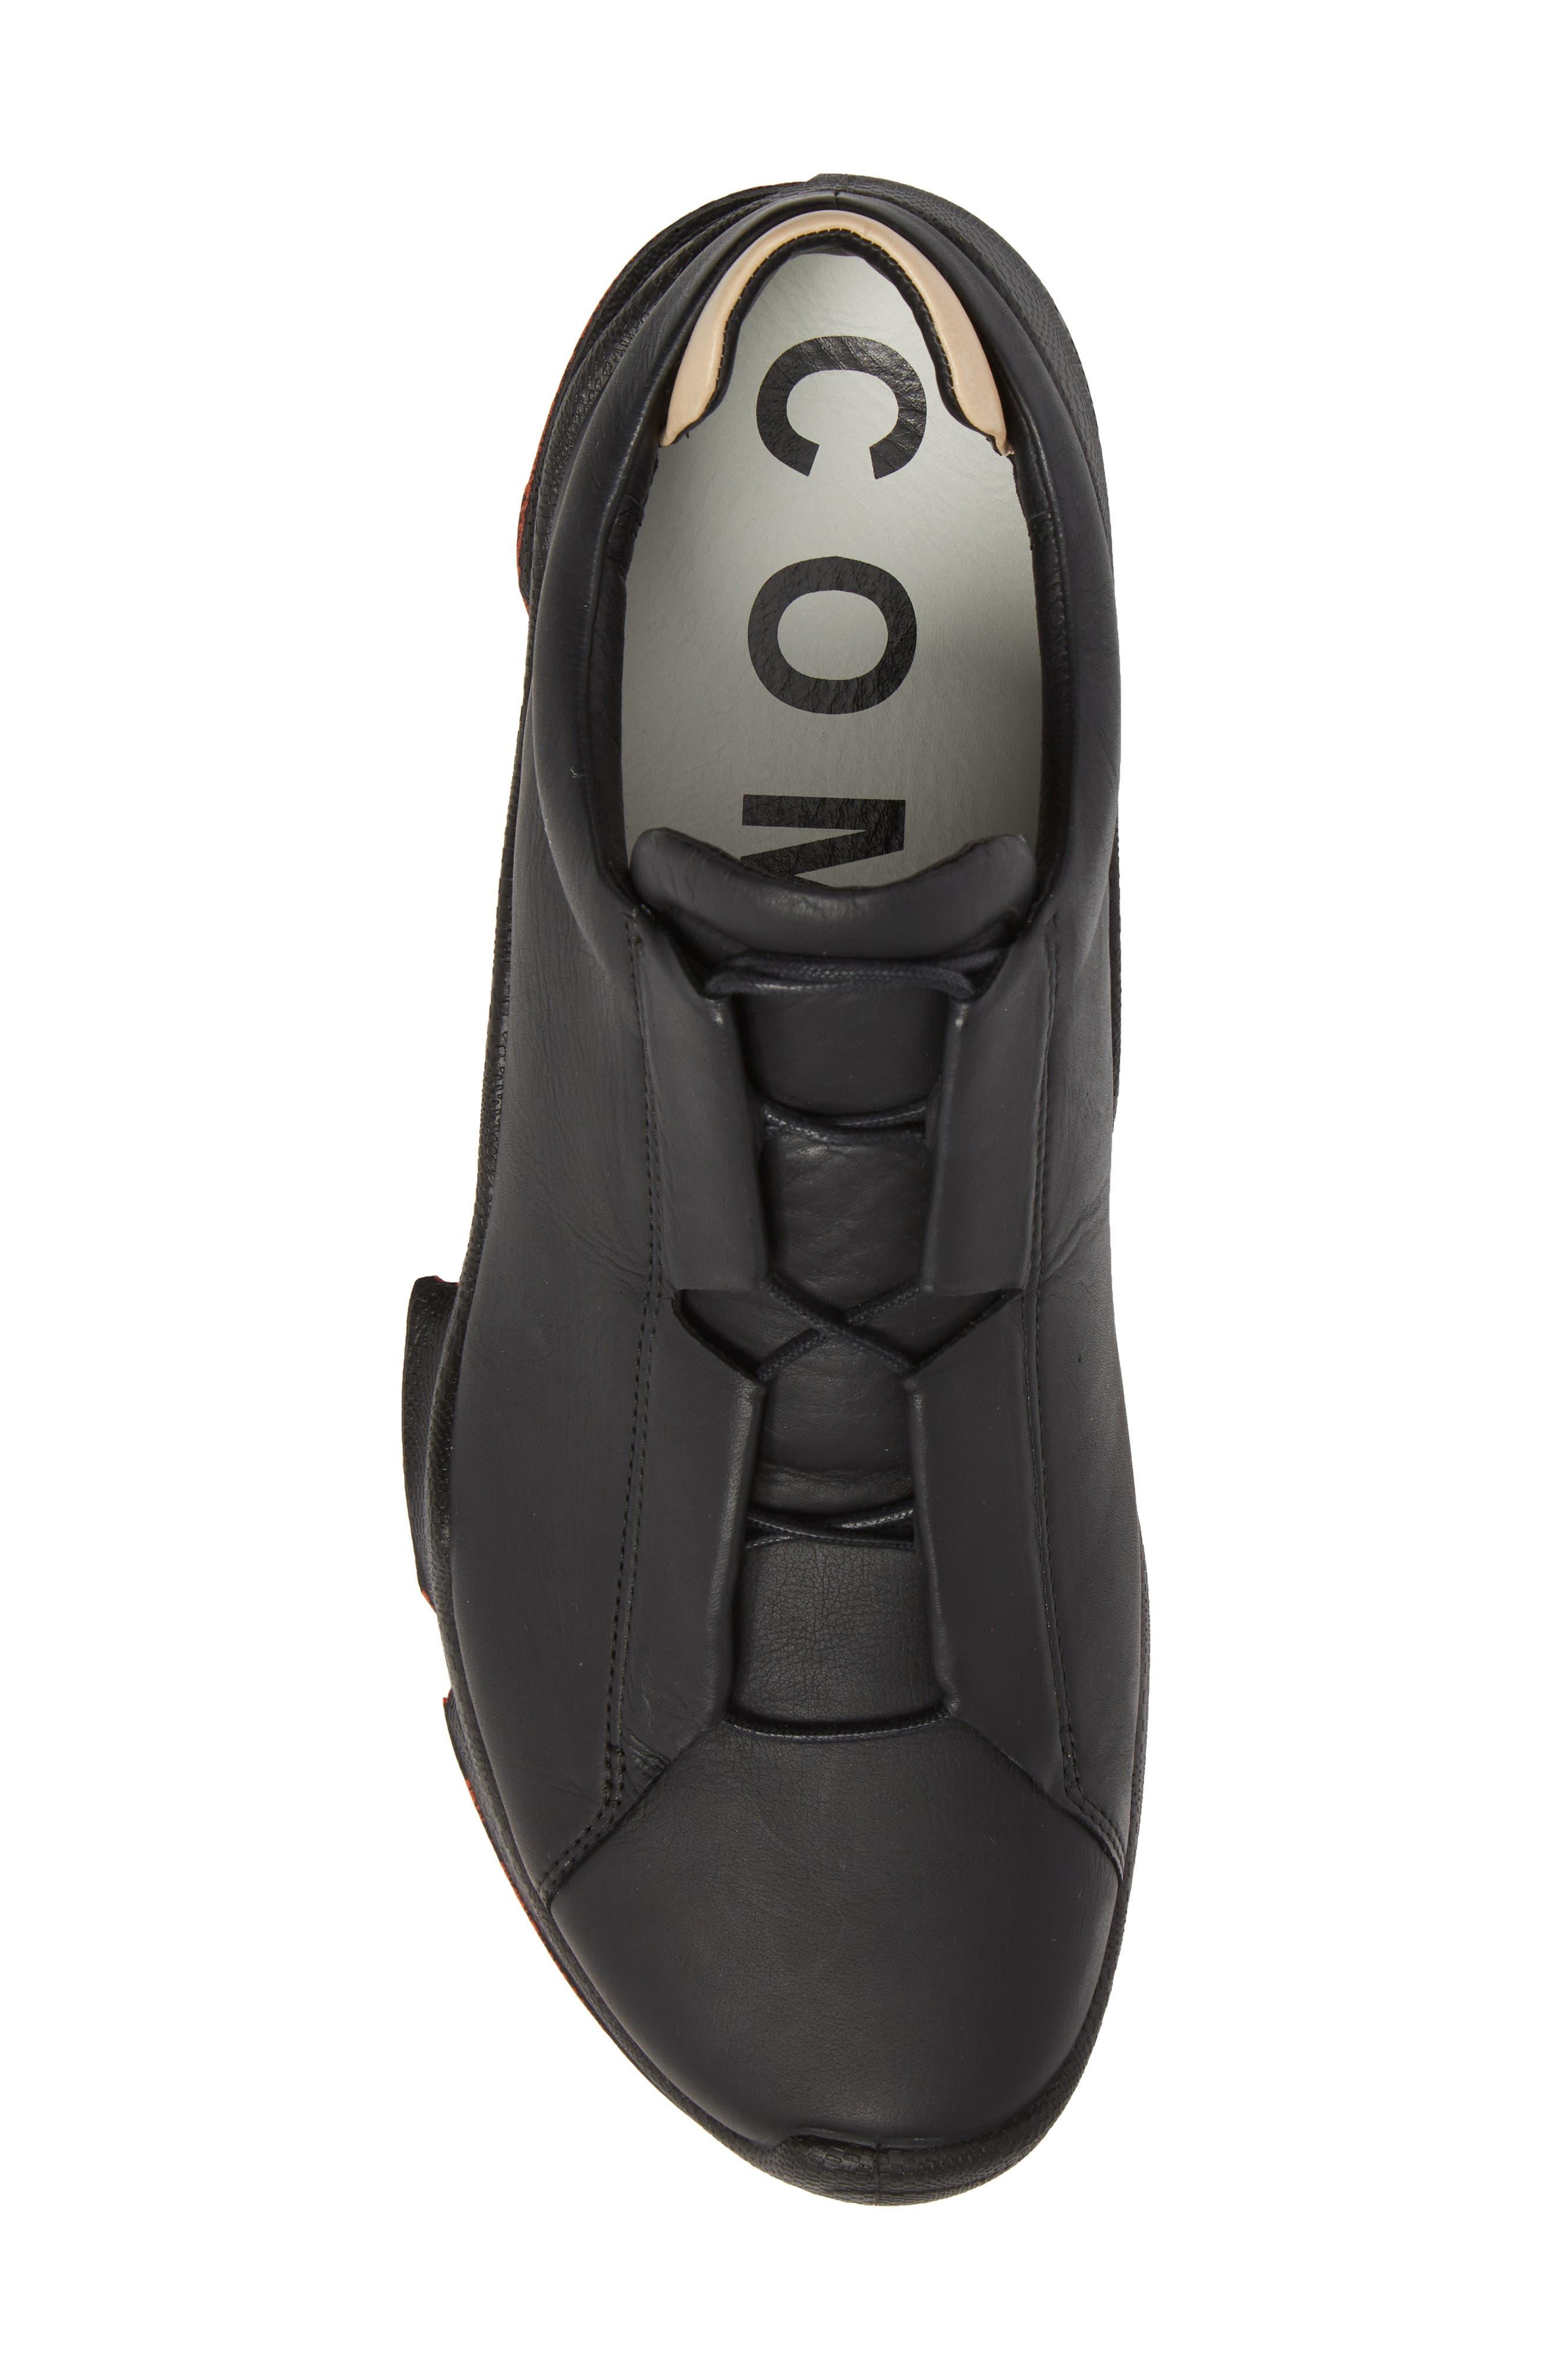 BIOM C Low Top Sneaker,                             Alternate thumbnail 5, color,                             003